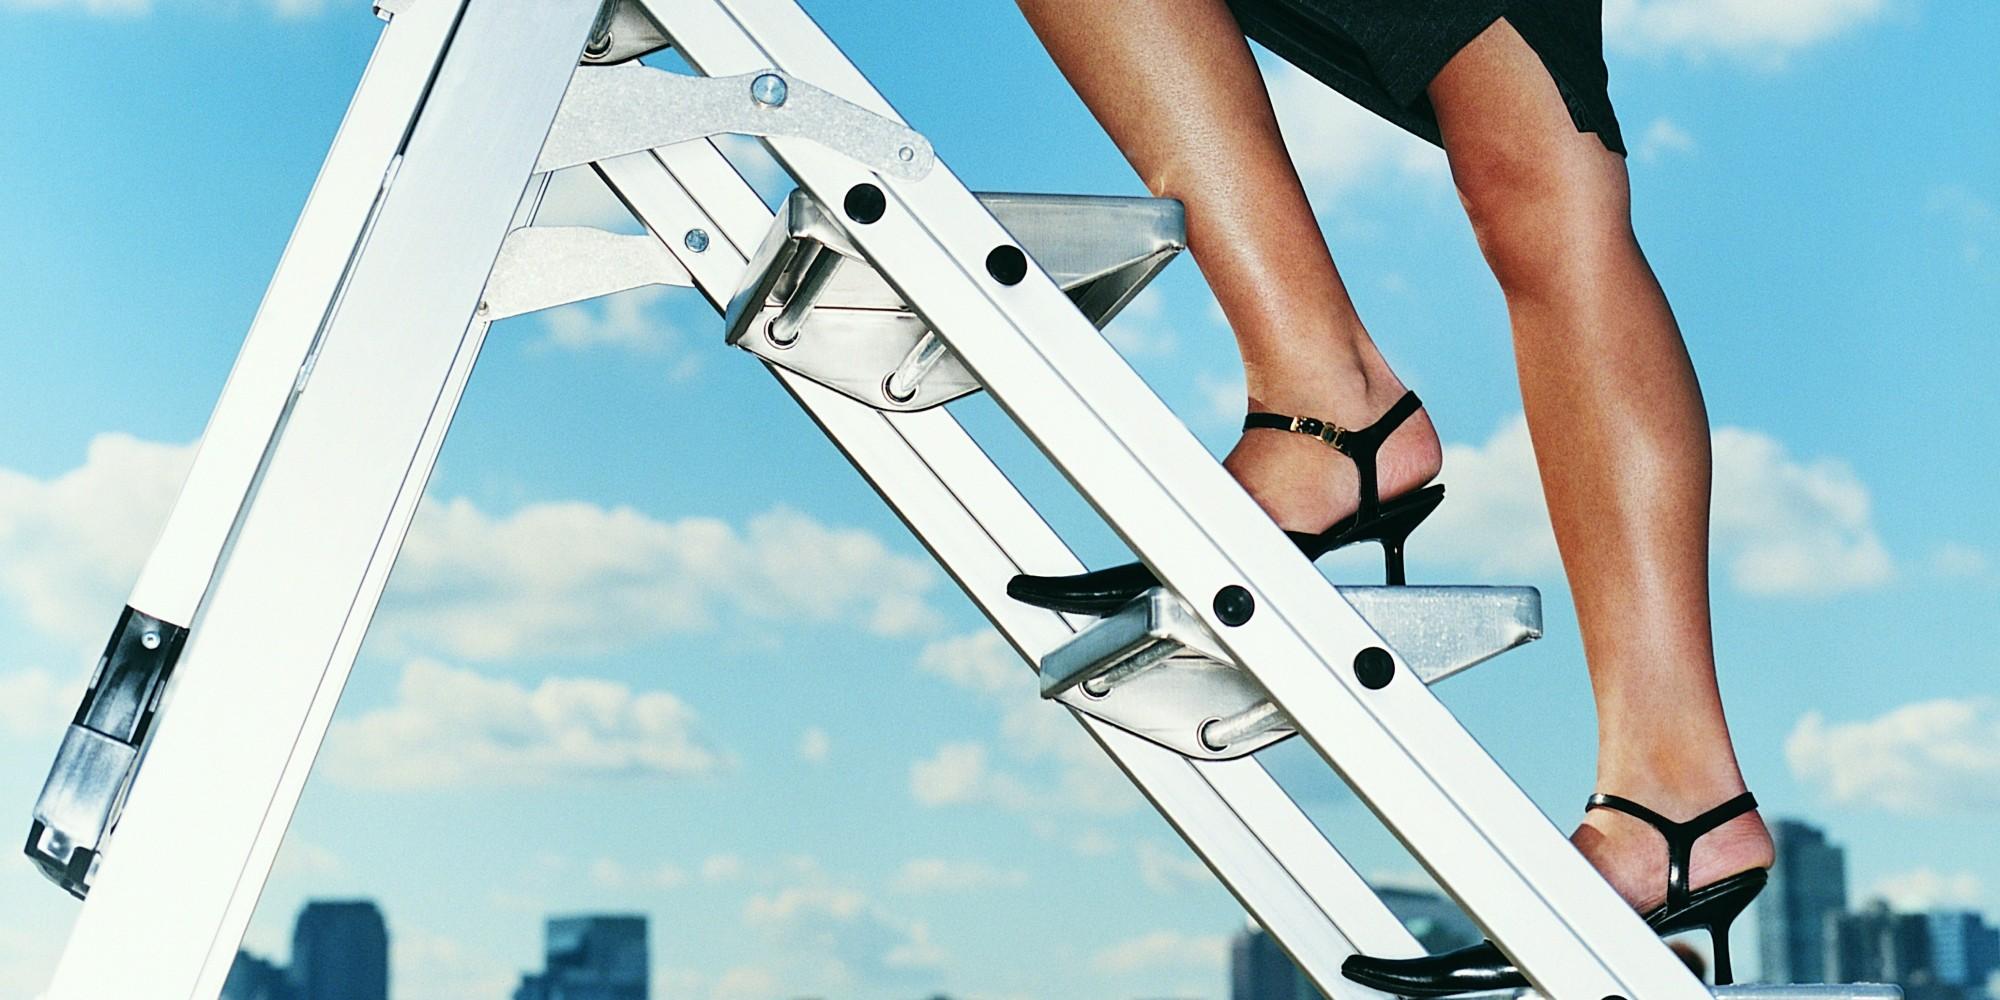 Businesswoman Outdoors Climbing a Stepladder